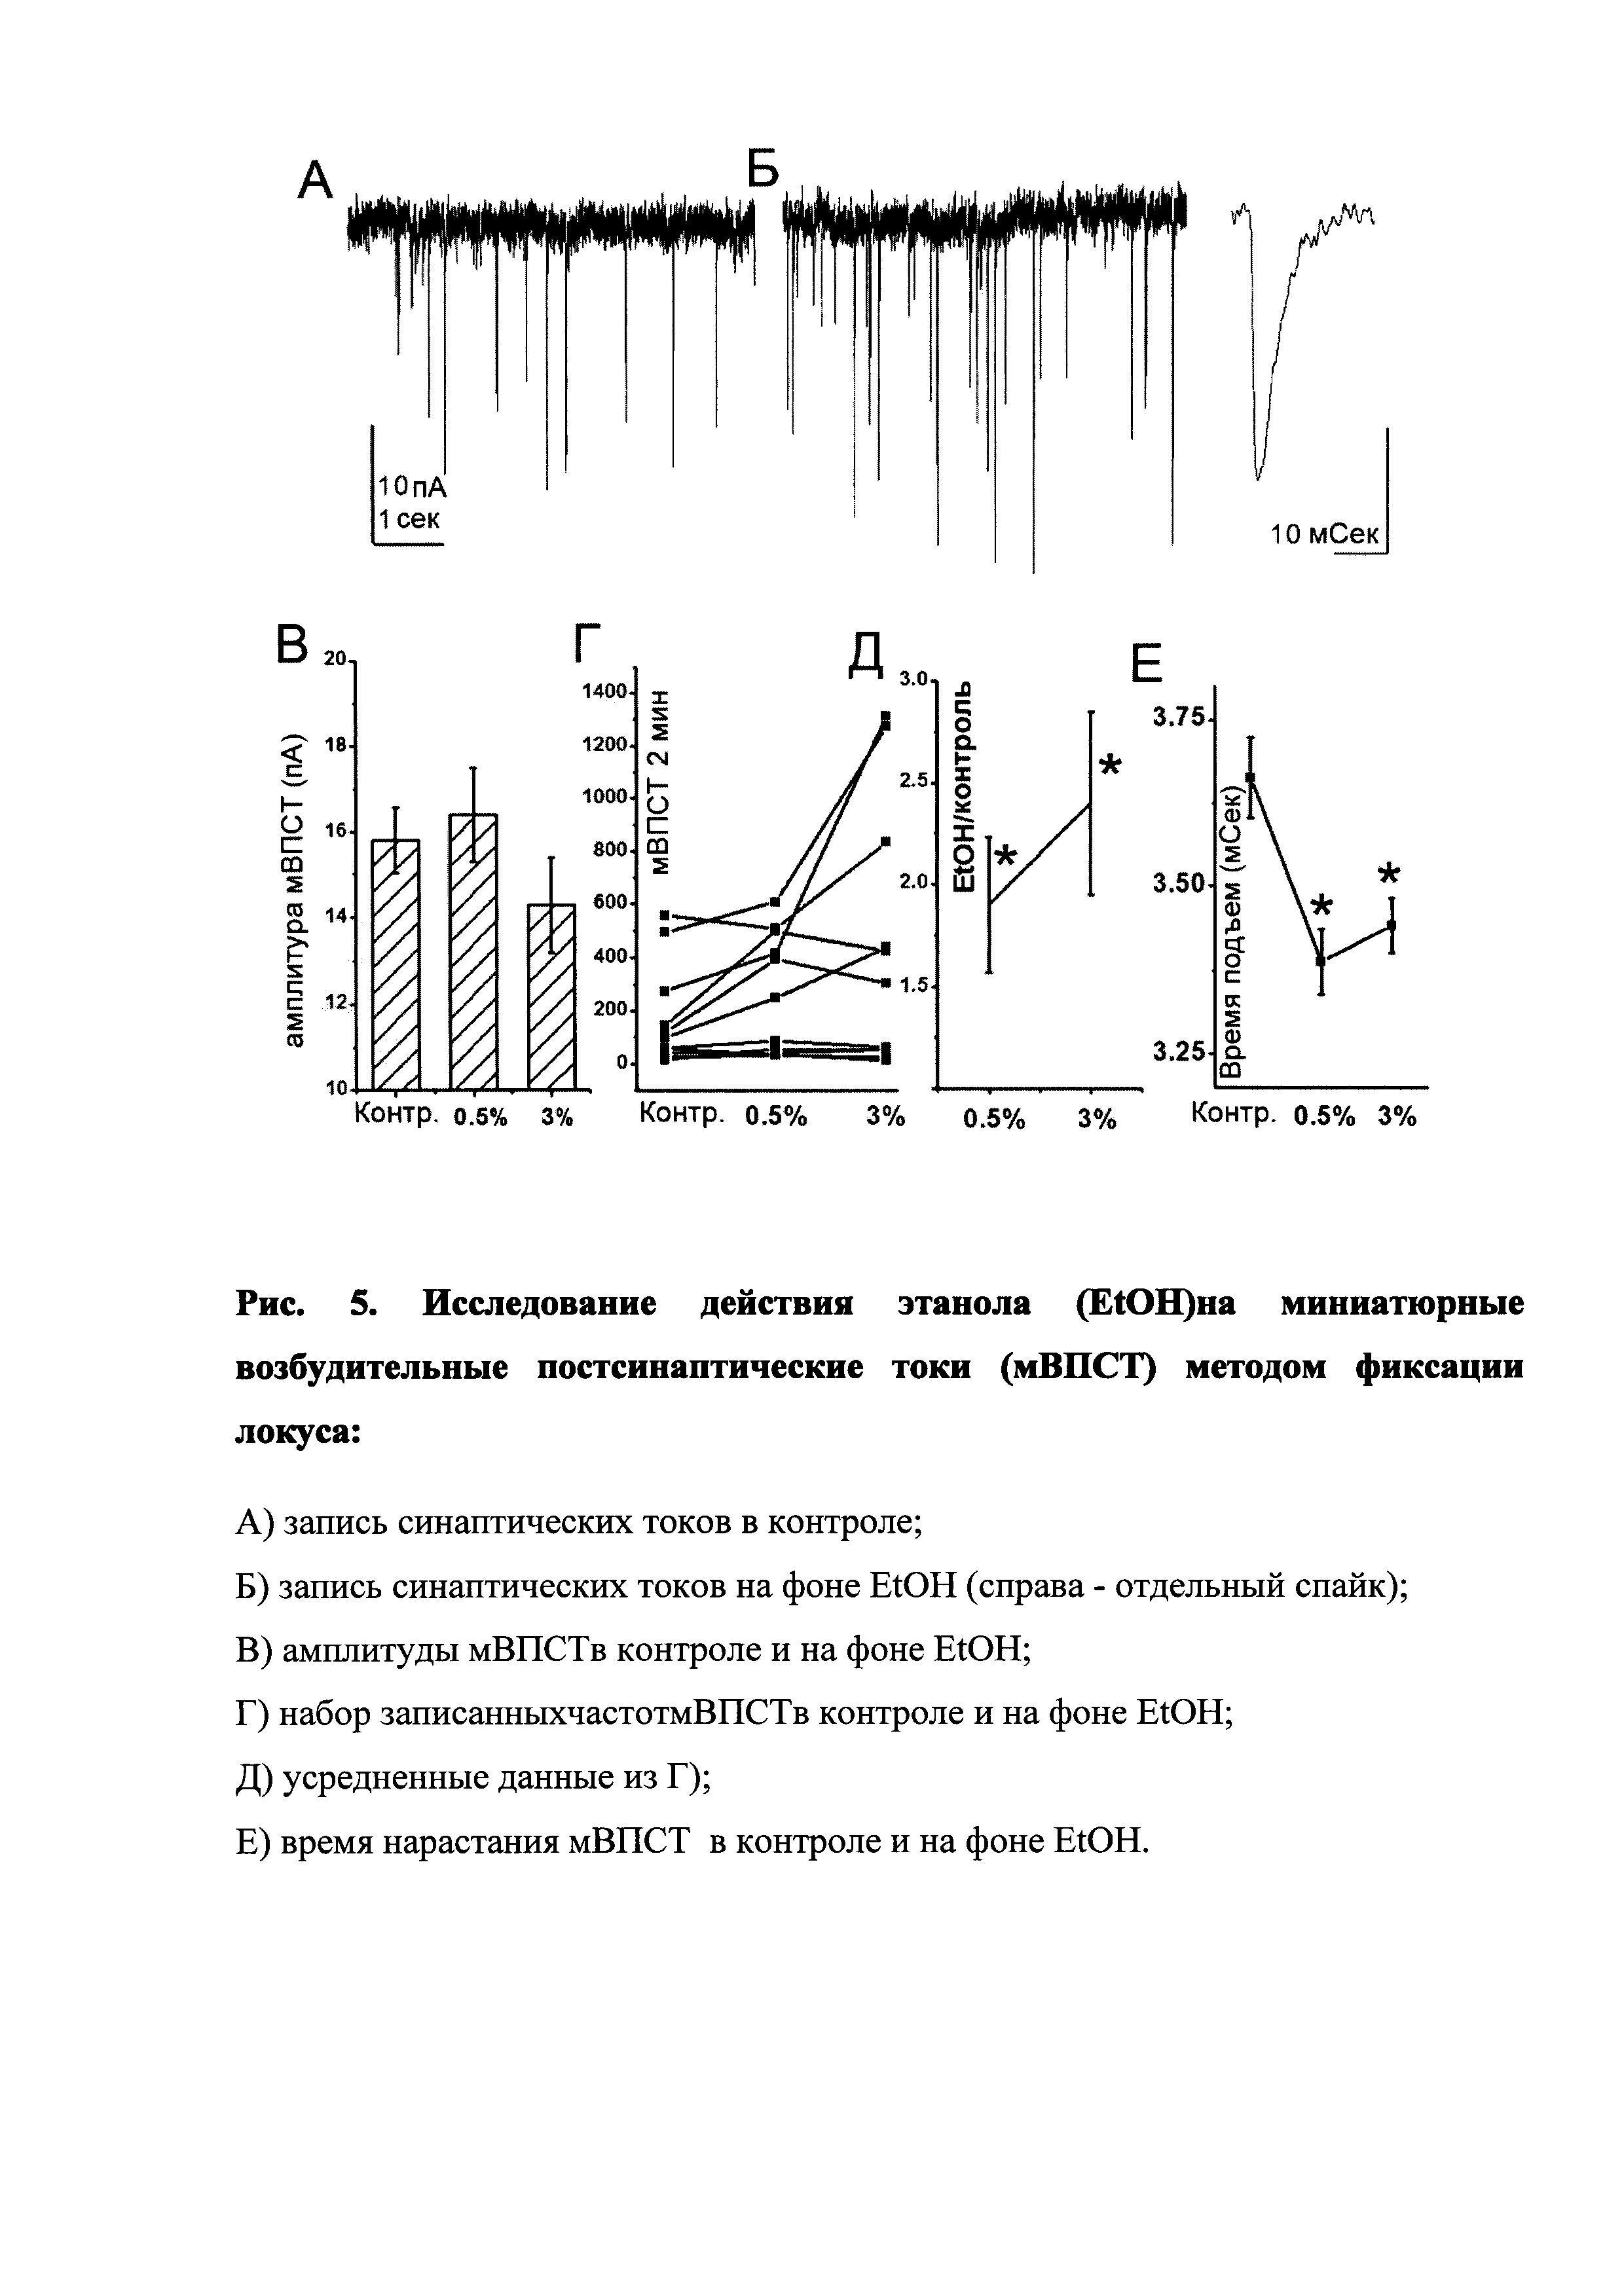 7-о-[6-о-(4-ацетил-альфа-l-рамнопиранозил)-бета-d-глюкопиранозидо-5-гидрокси-6-метокси-2-(4-метокси-фенил)-4н-хромон-4-он, оказывающий антиалкогольное влияние на высшую нервную деятельность